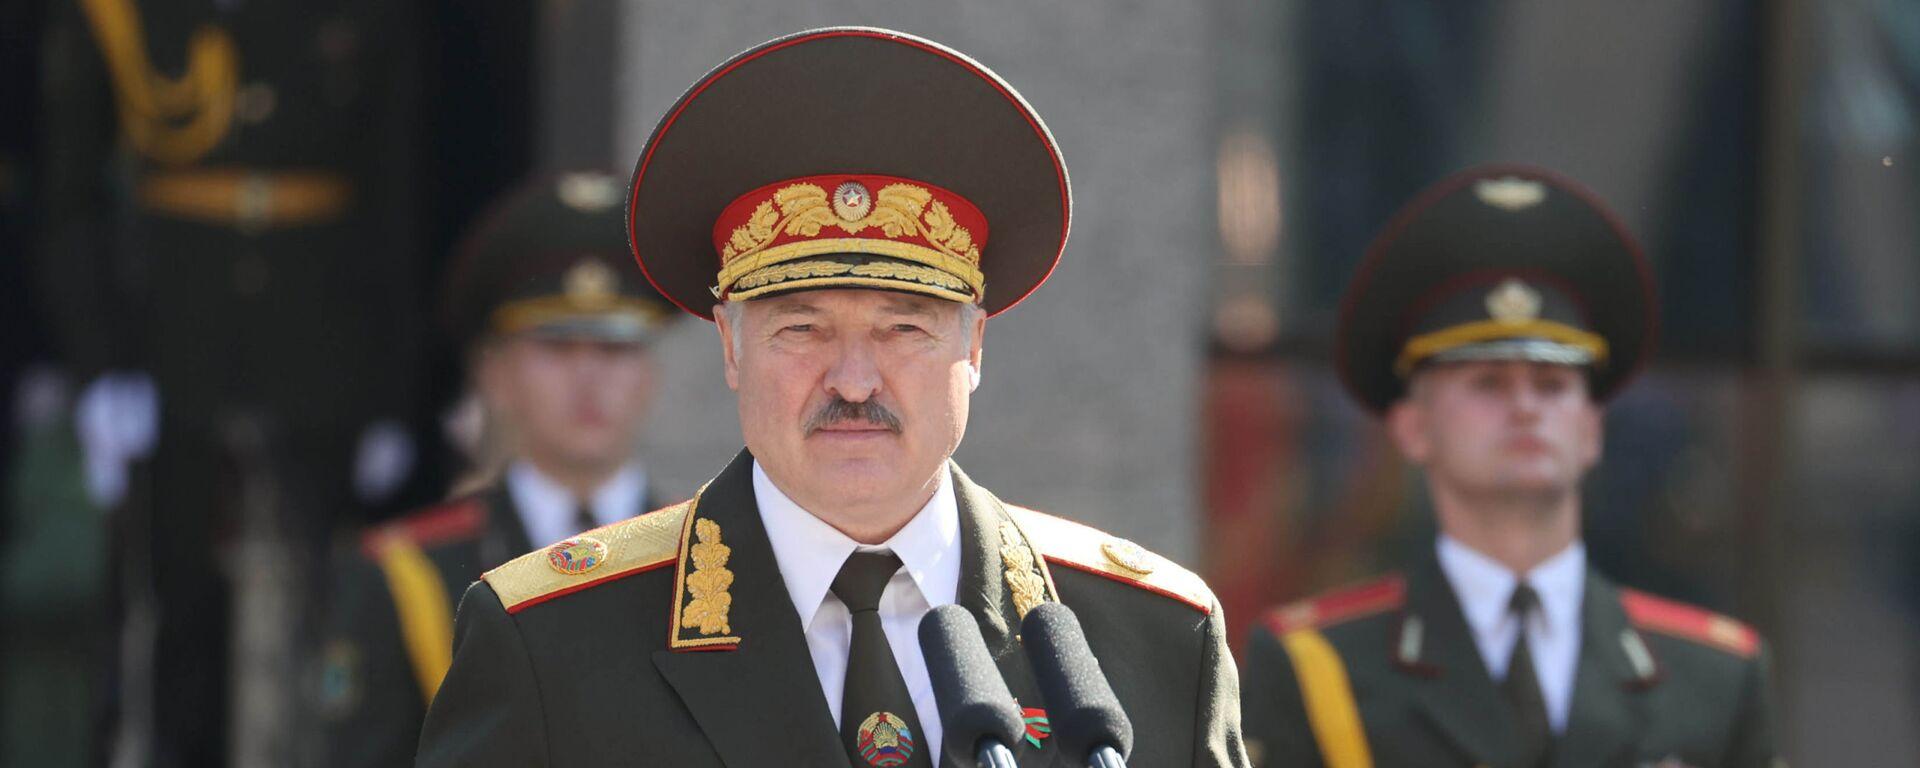 Alexandr Lukashenko, presidente de Bielorrusia - Sputnik Mundo, 1920, 19.04.2021